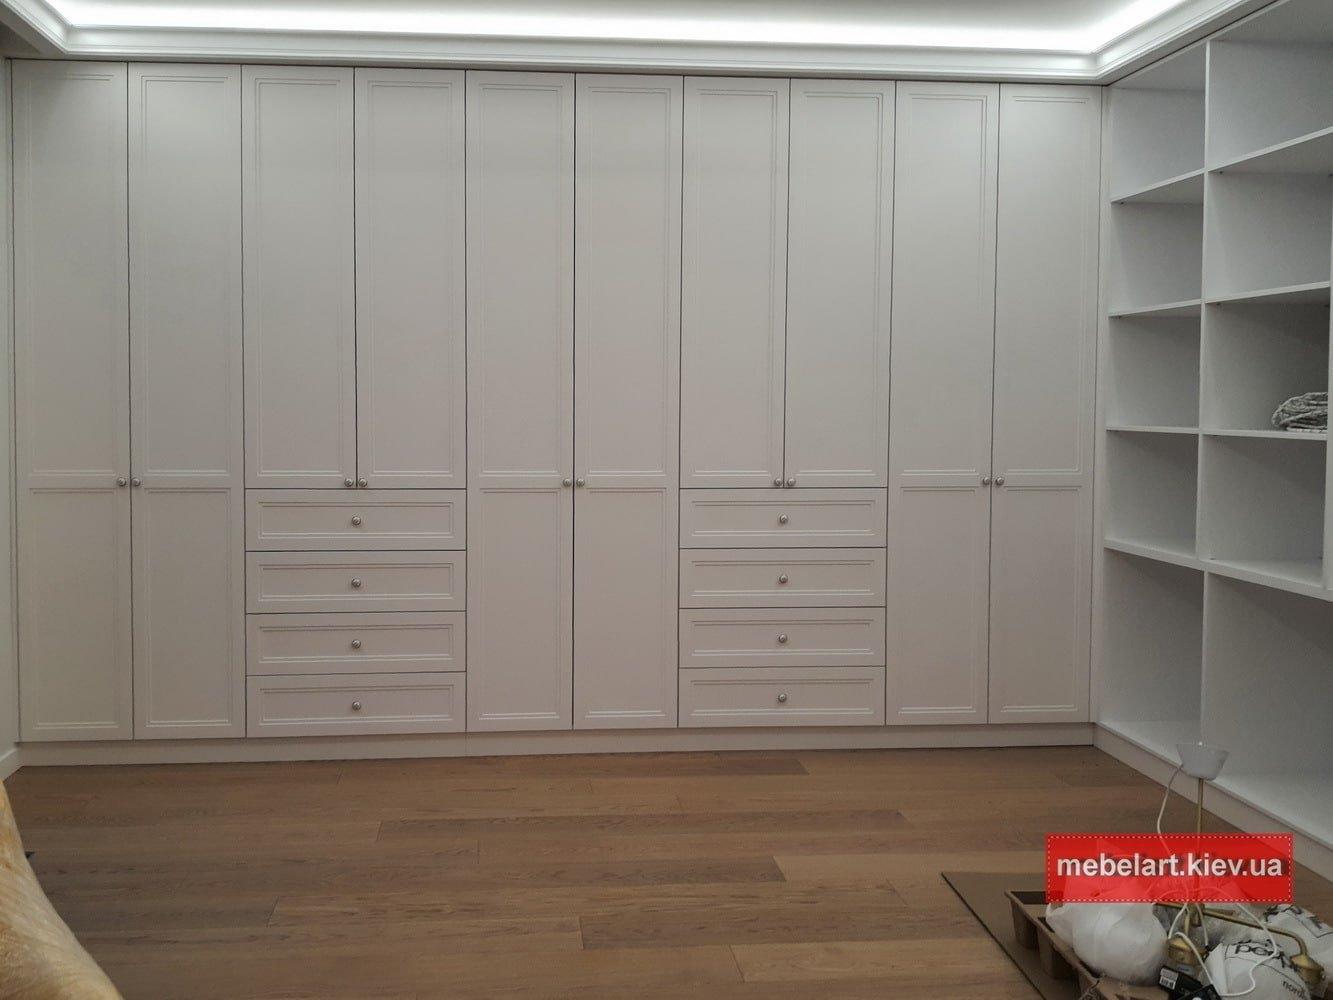 чертежи и проекты мебели в спальню